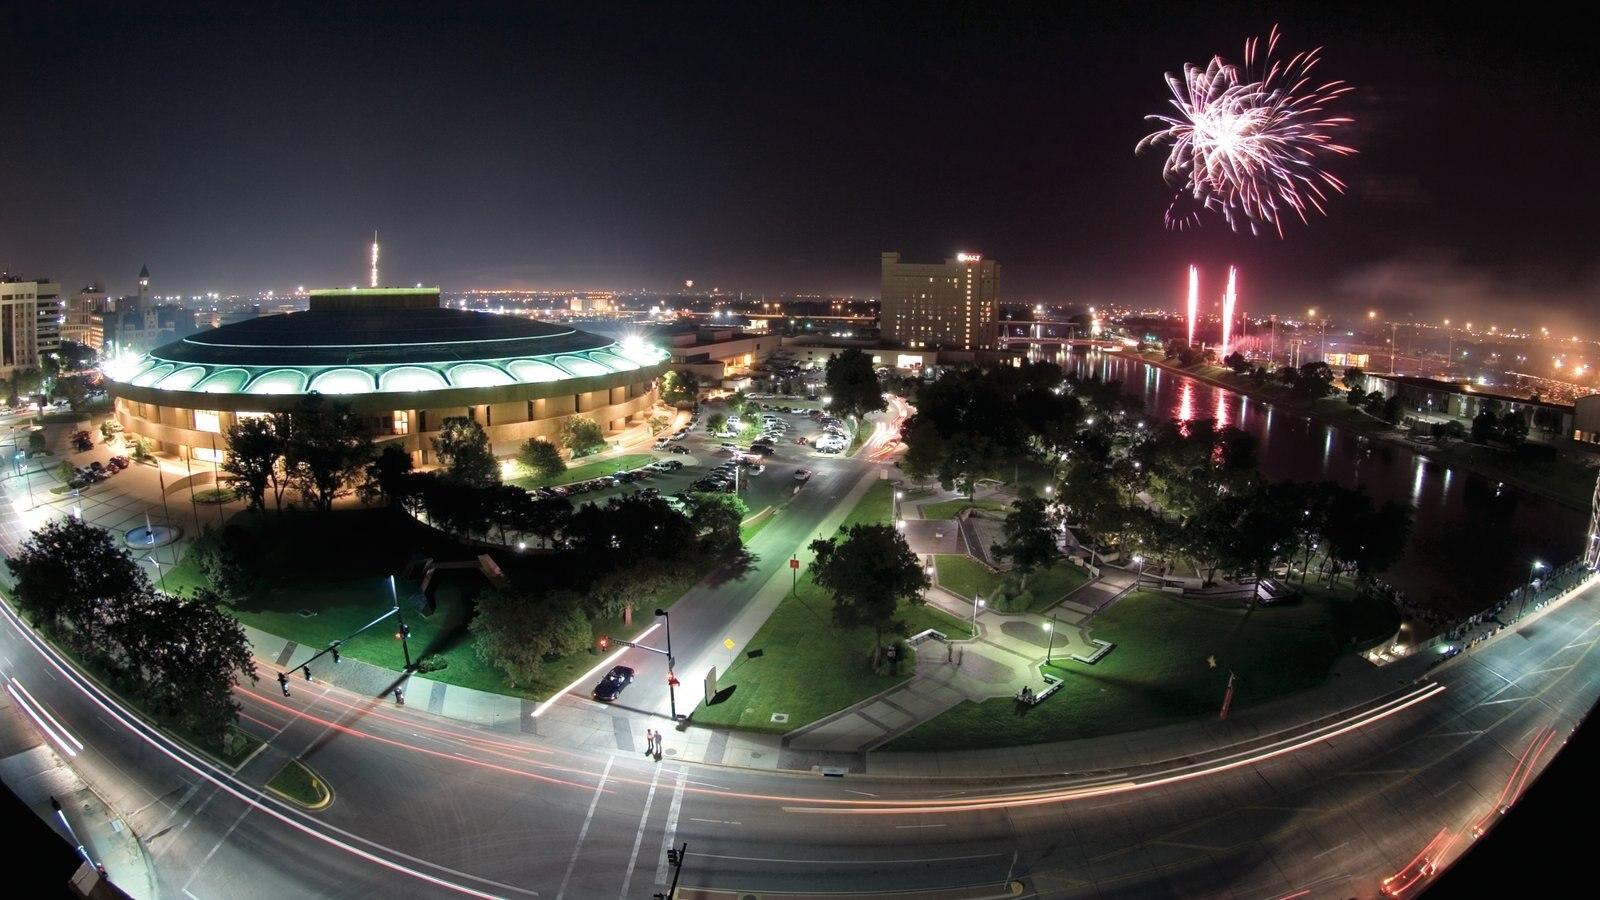 Wichita mostrando paisagem, um festival e cenas noturnas